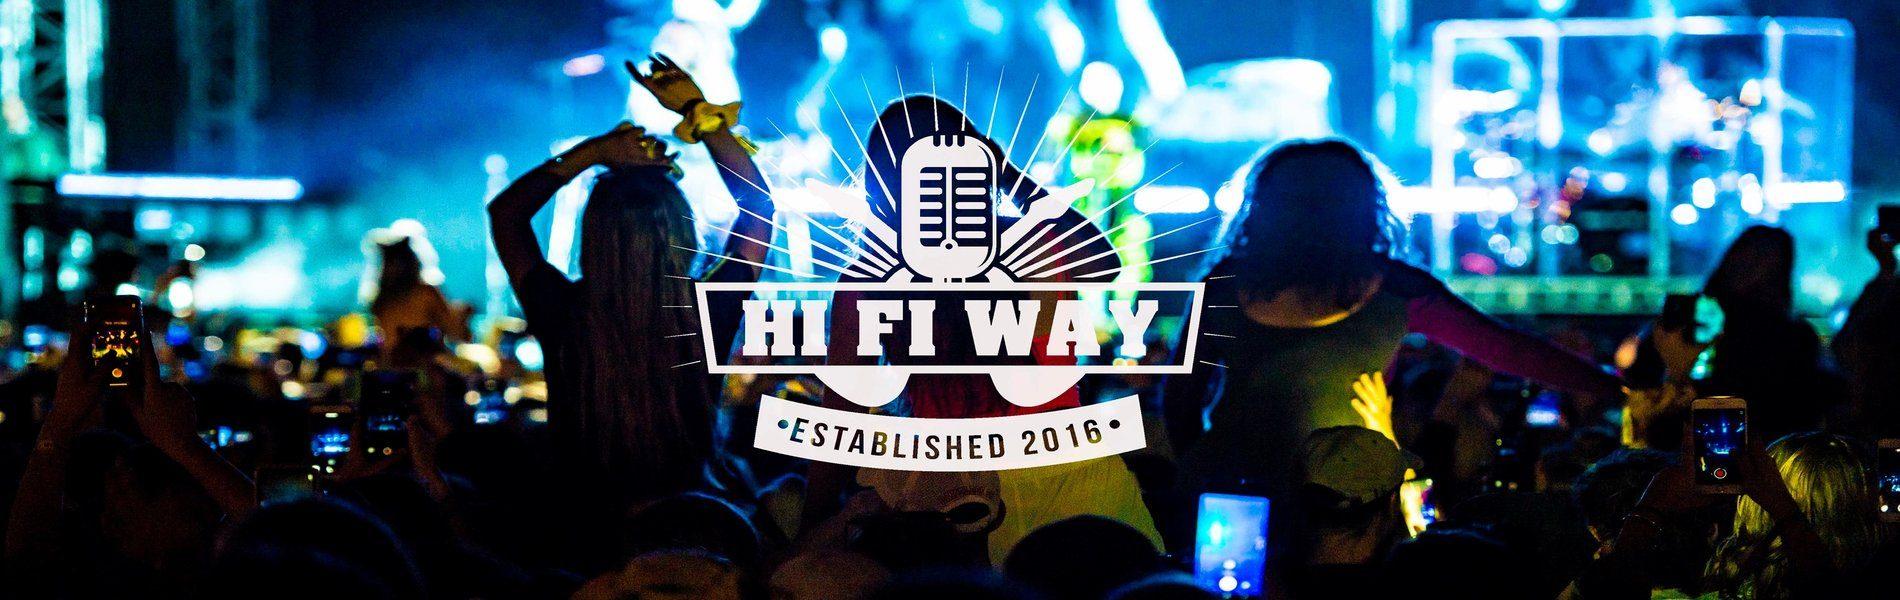 Hi Fi Way